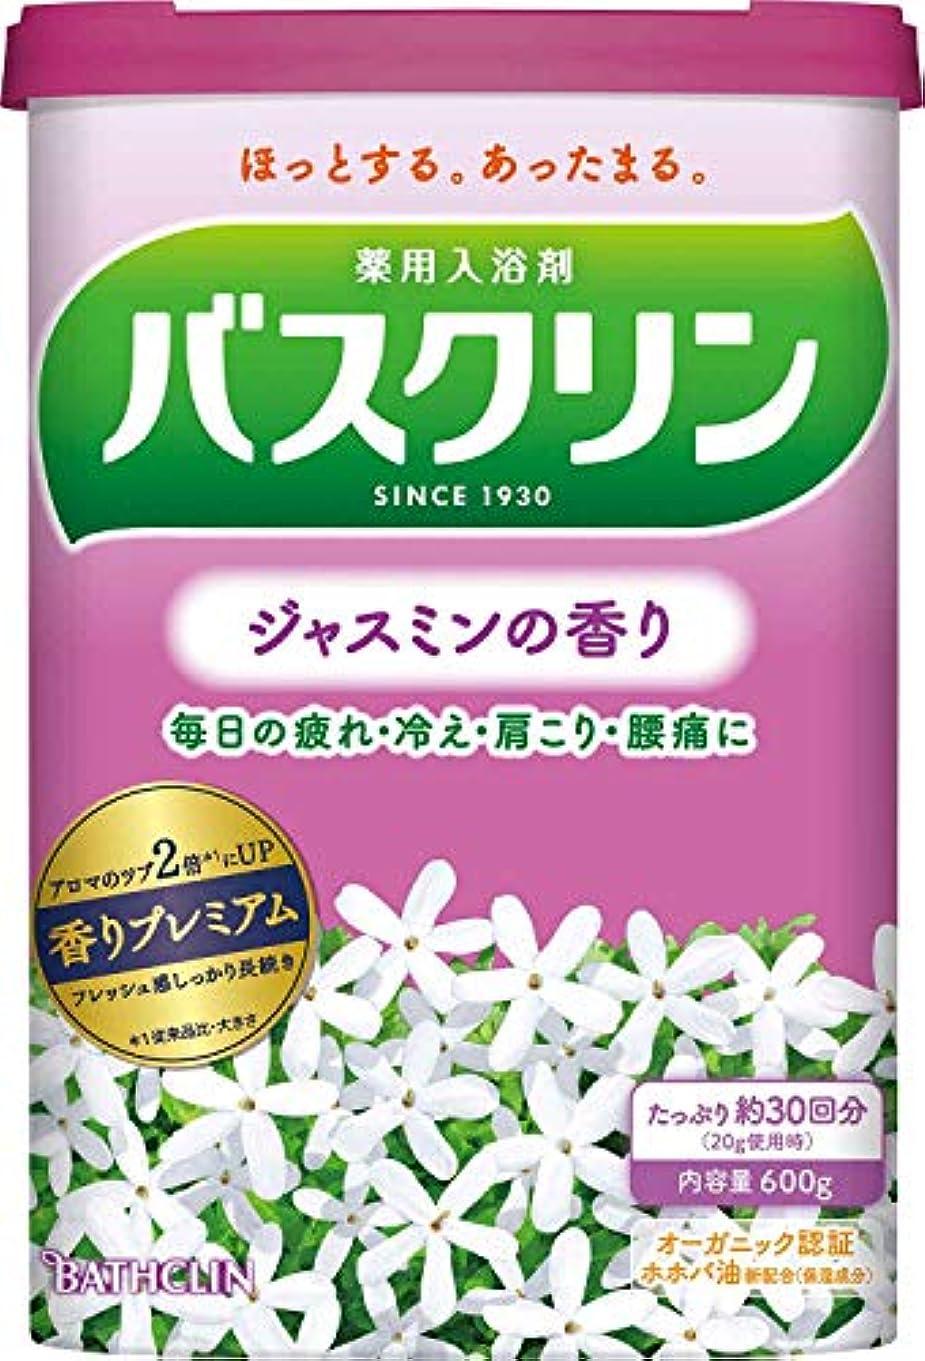 甘味ぬいぐるみノベルティ【医薬部外品】バスクリン入浴剤 ジャスミンの香り600g(約30回分) 疲労回復